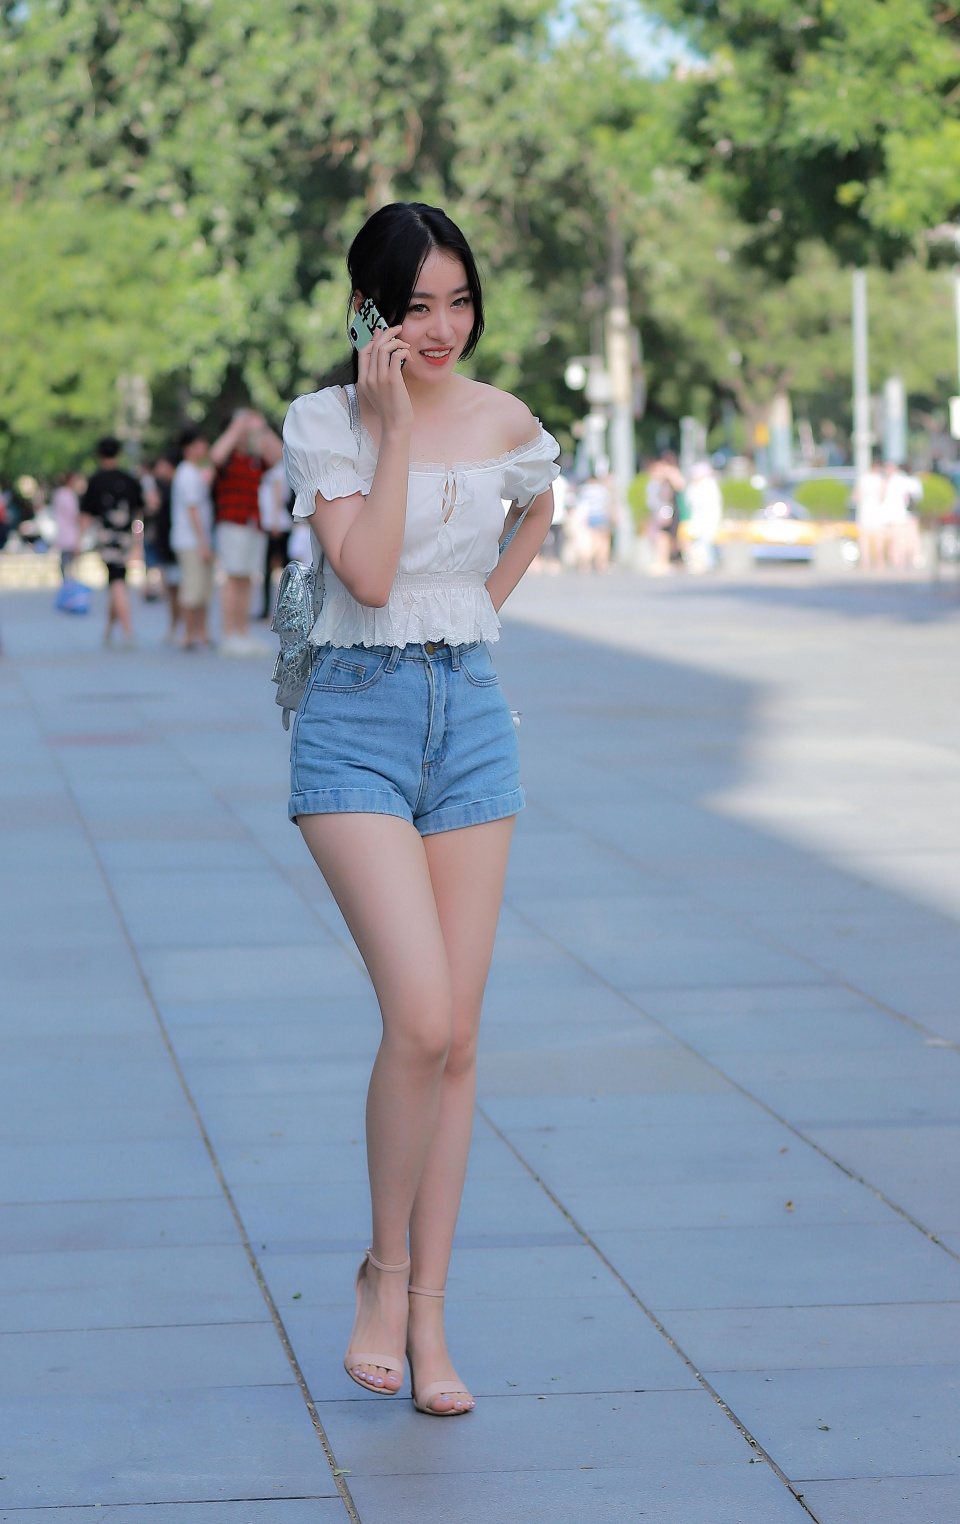 美女用脚�zo��i-_这位打电话的美女身穿一件白色的露肩上衣,搭配牛仔短裤,脚上是一双裸